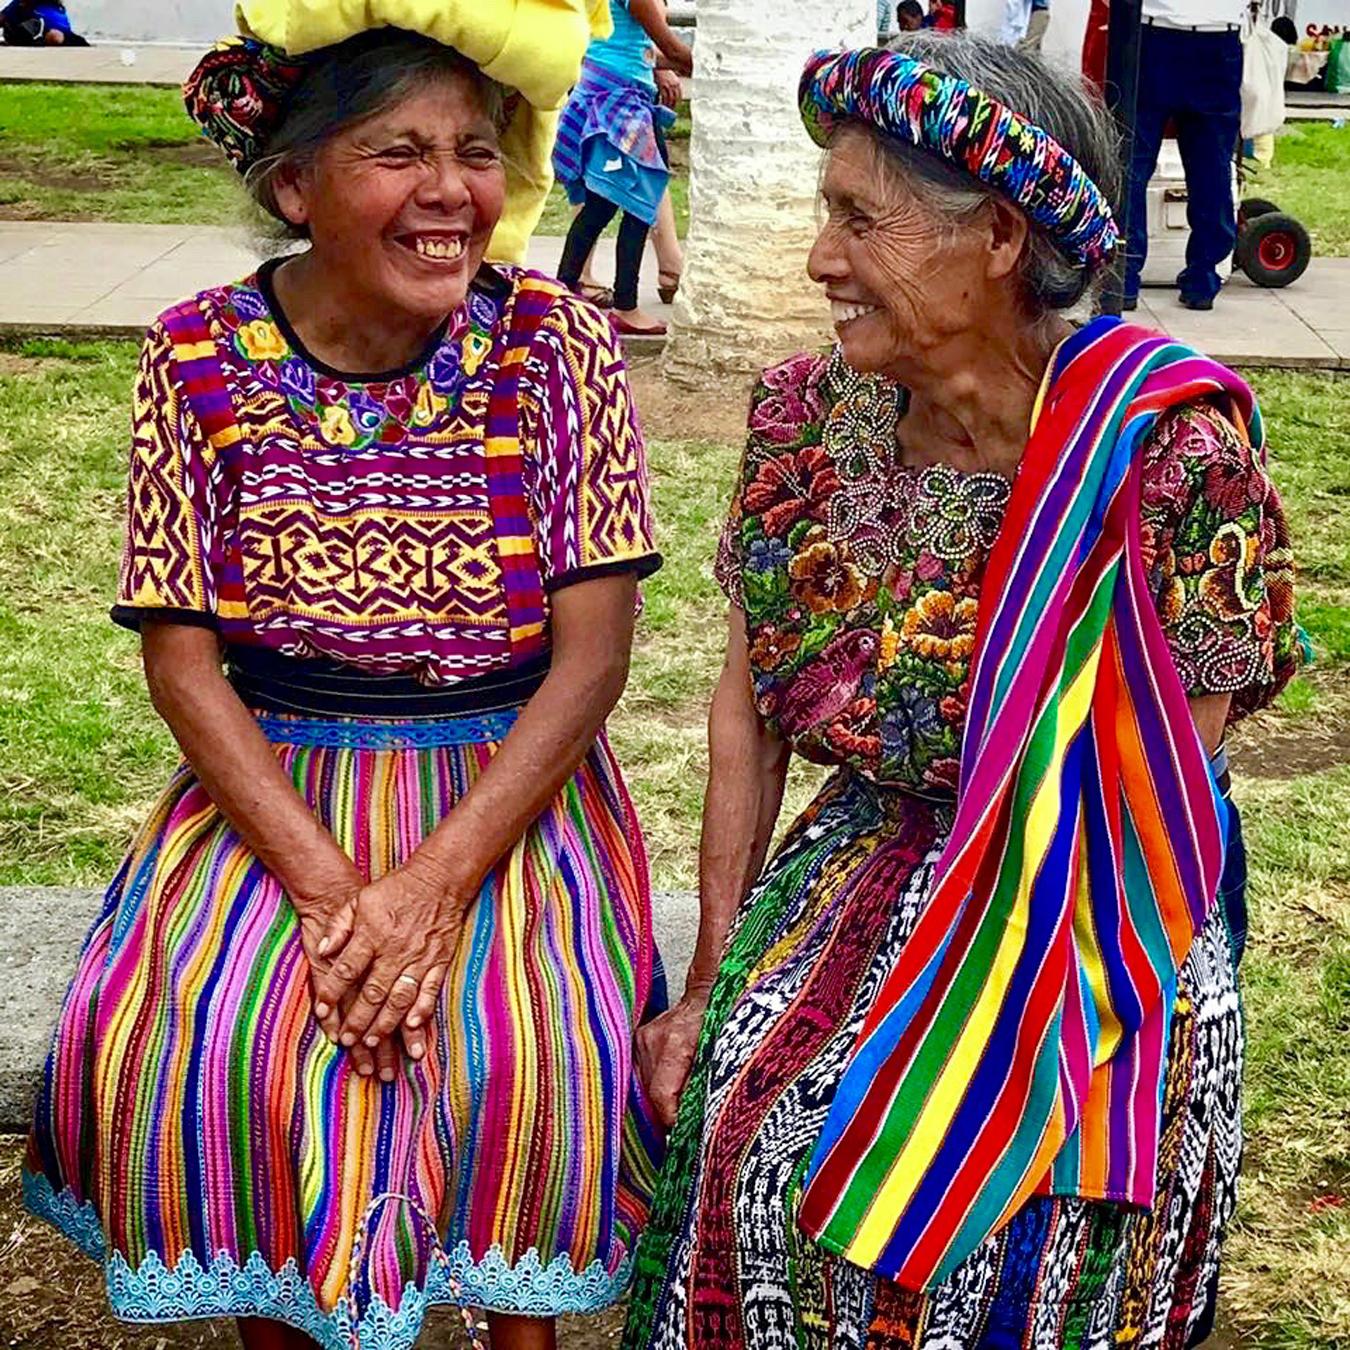 Mayan Community Glamping Trek - Mayan Women Smiling